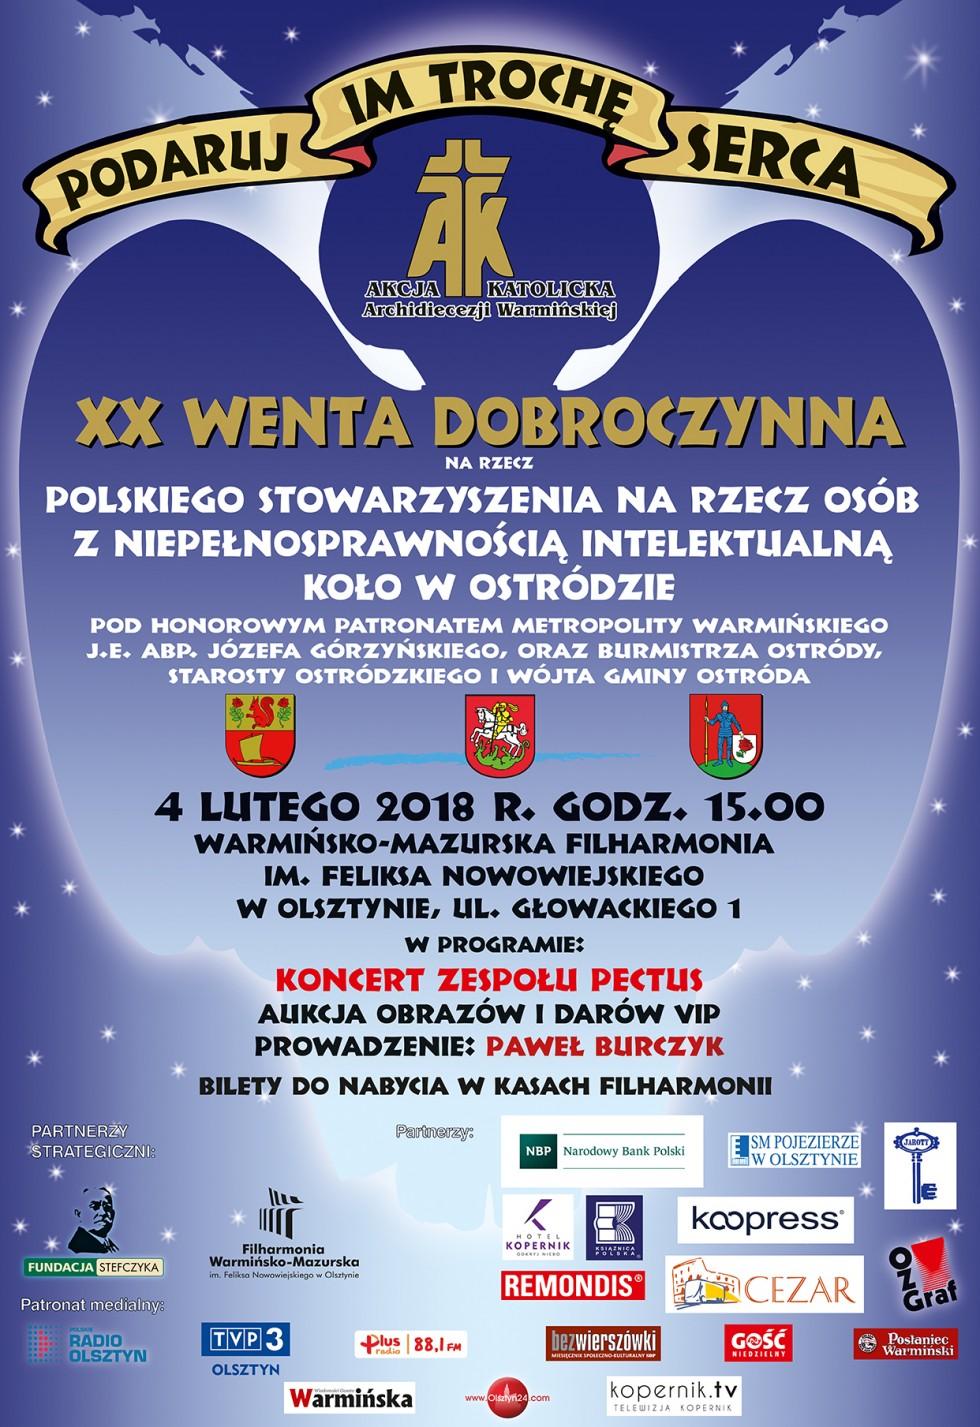 Dwudziesta Wenta Dobroczynna już 4 lutego!